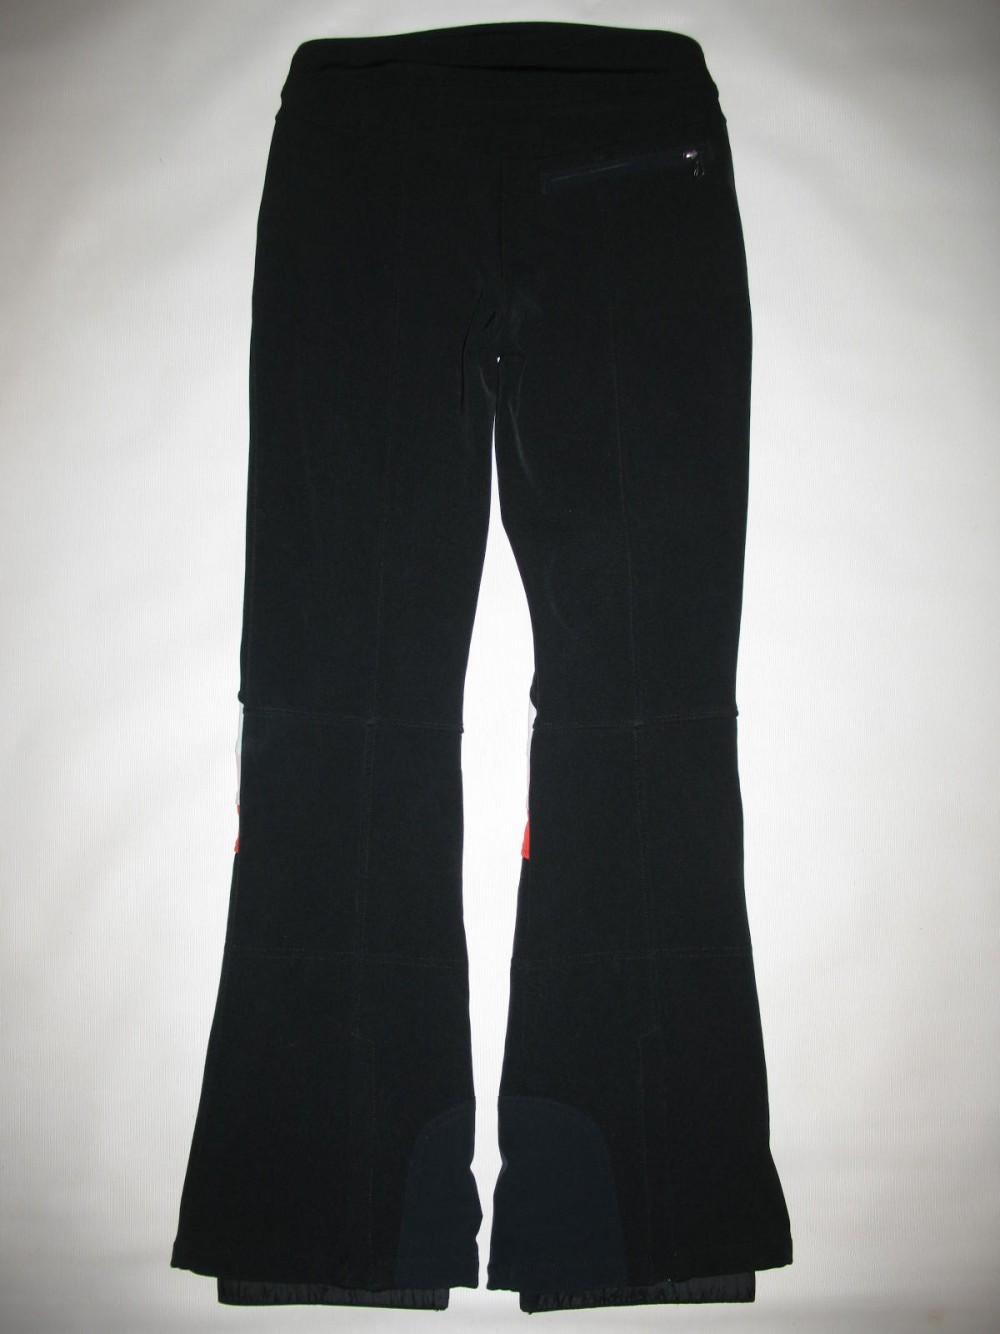 Штаны TONI SAILER sestriere ski pant lady (размер 36/S) - 2